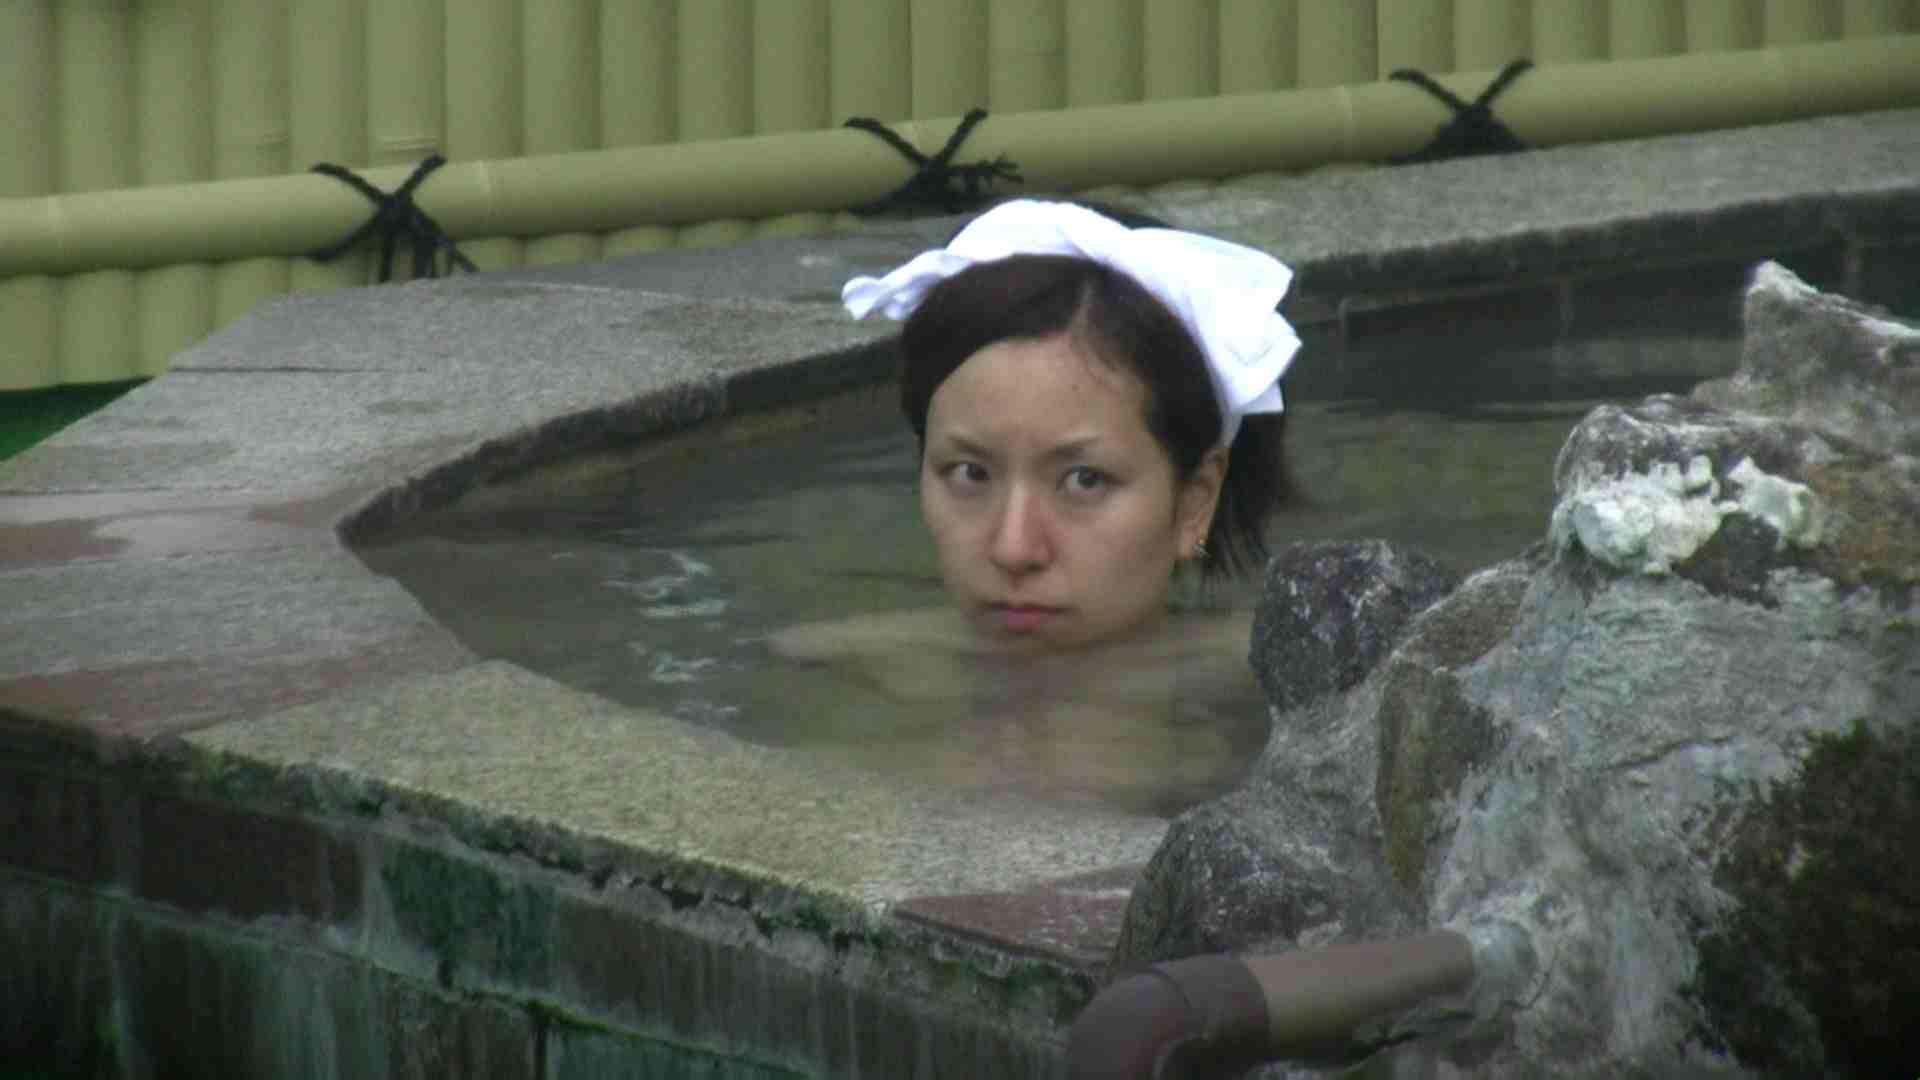 Aquaな露天風呂Vol.39【VIP】 盗撮シリーズ  85PIX 2